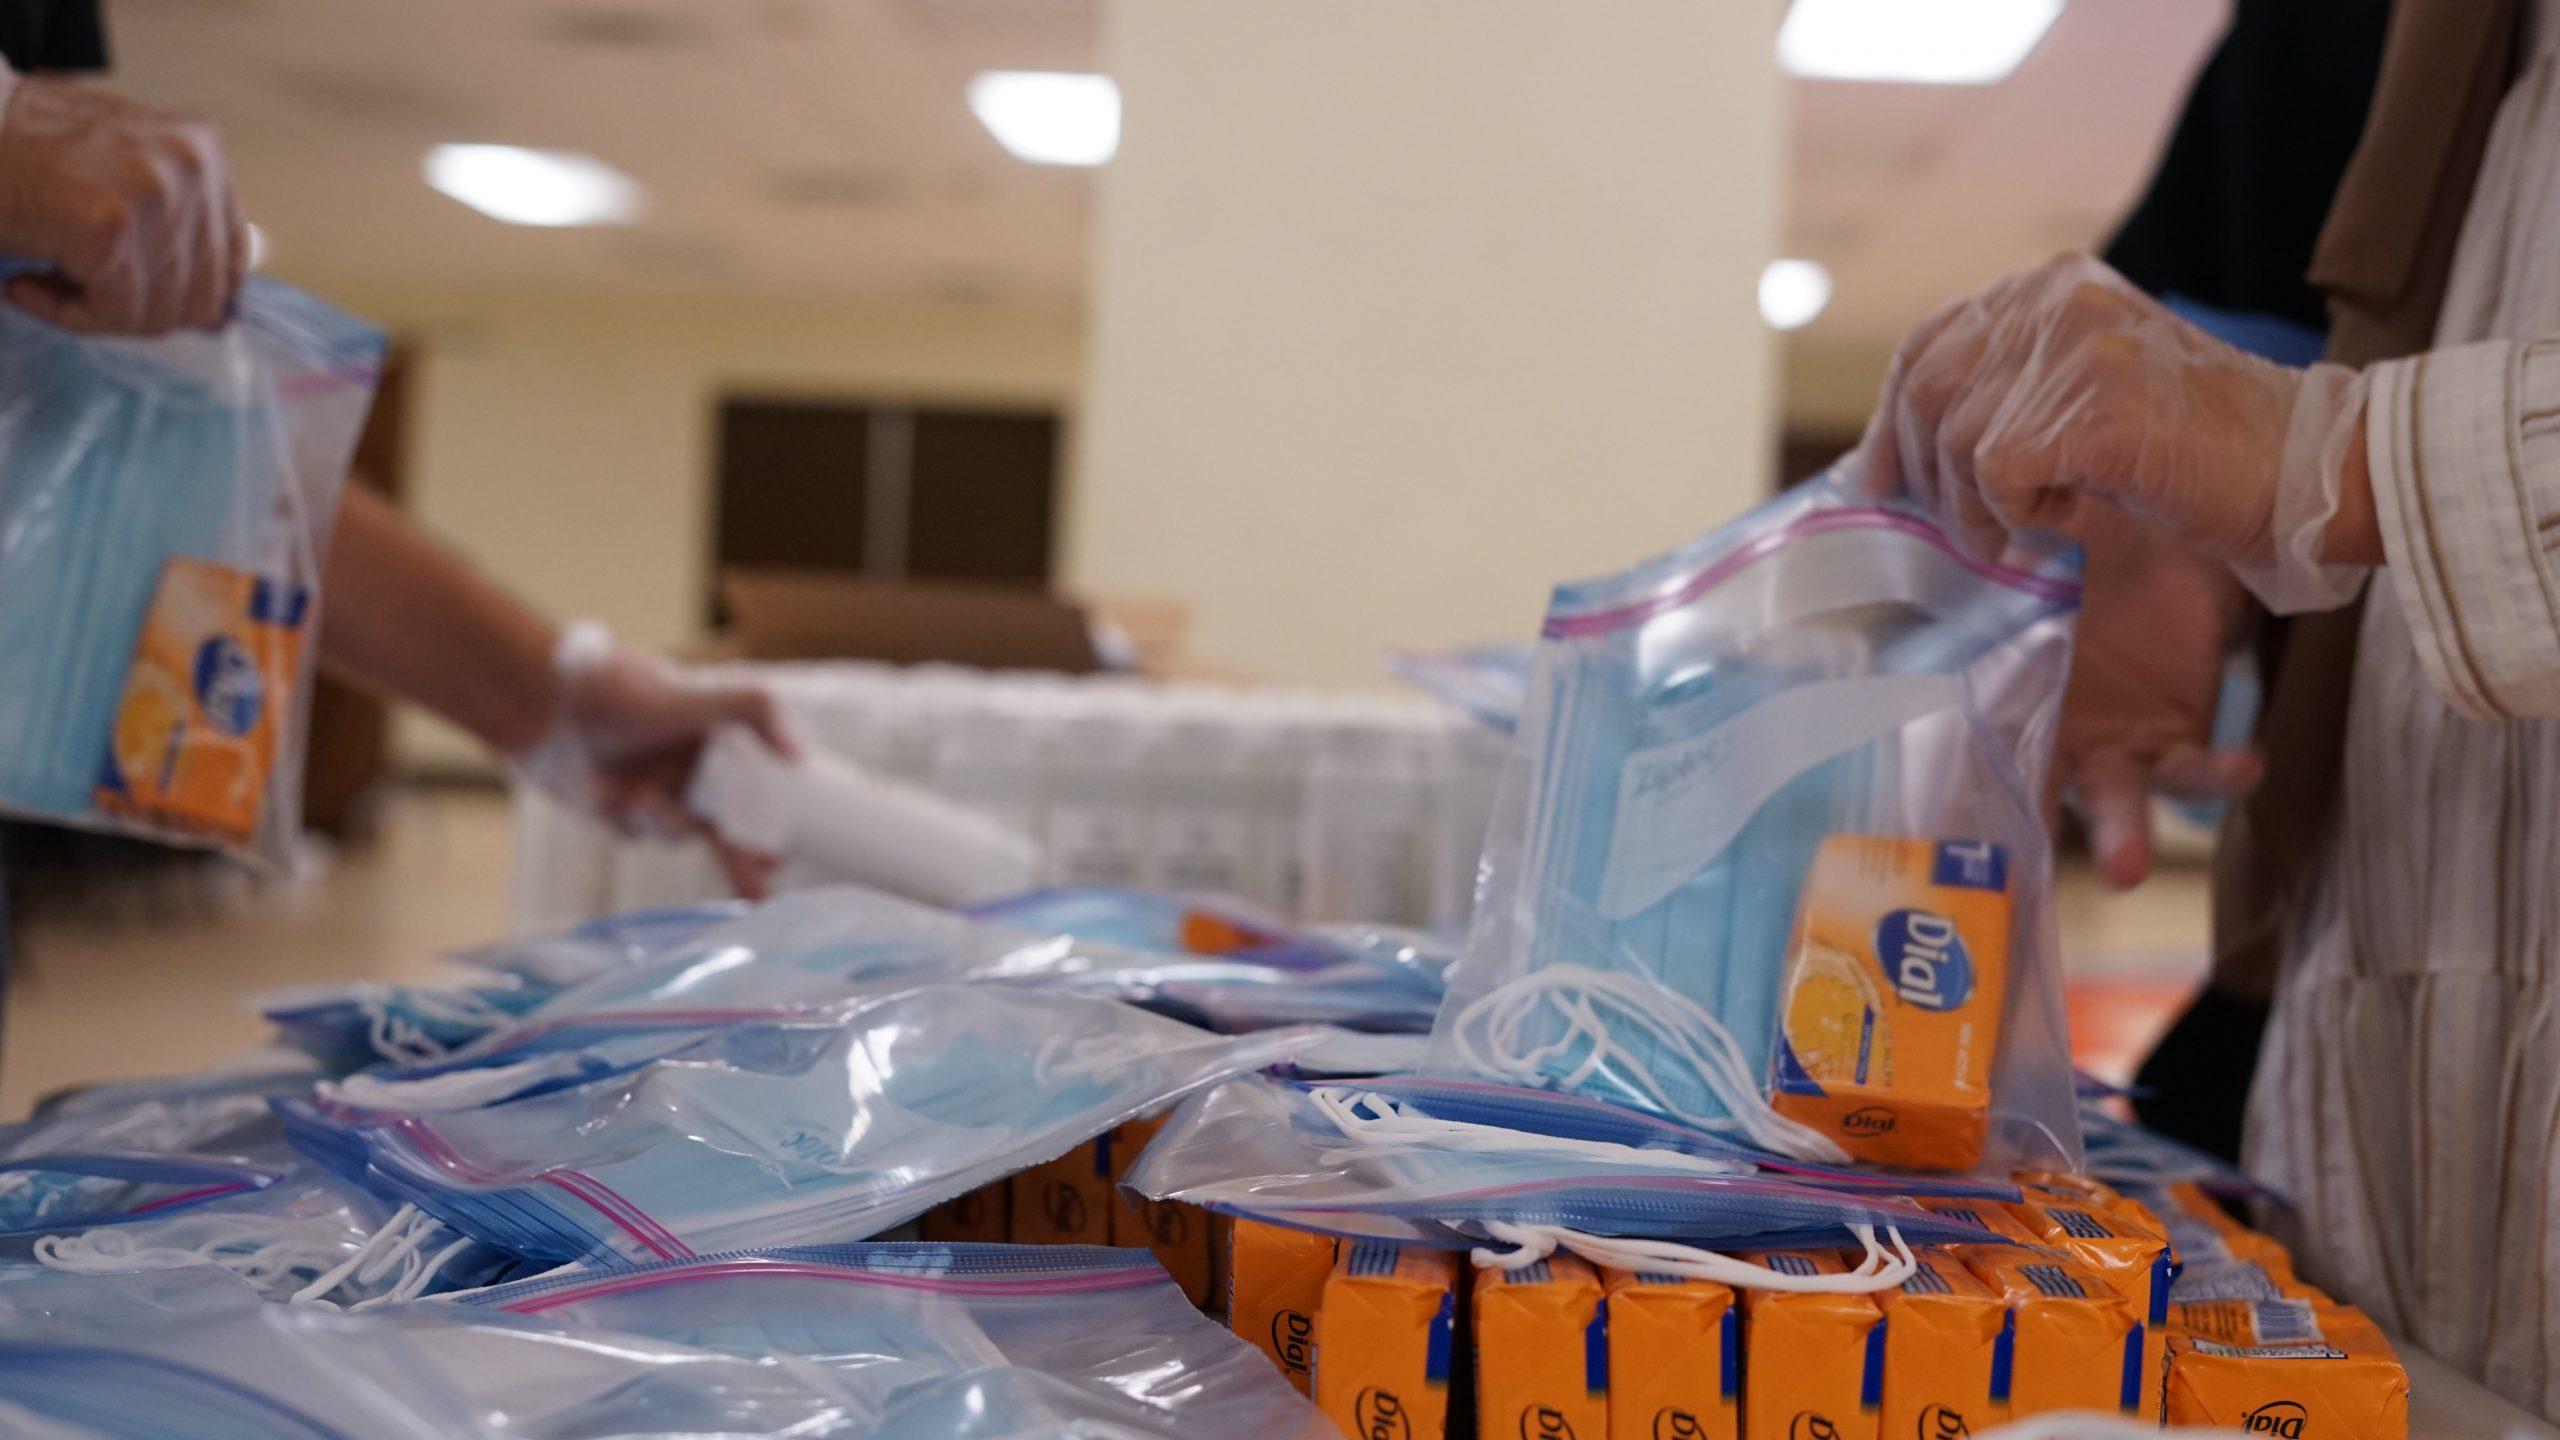 Volunteers fill aid bags